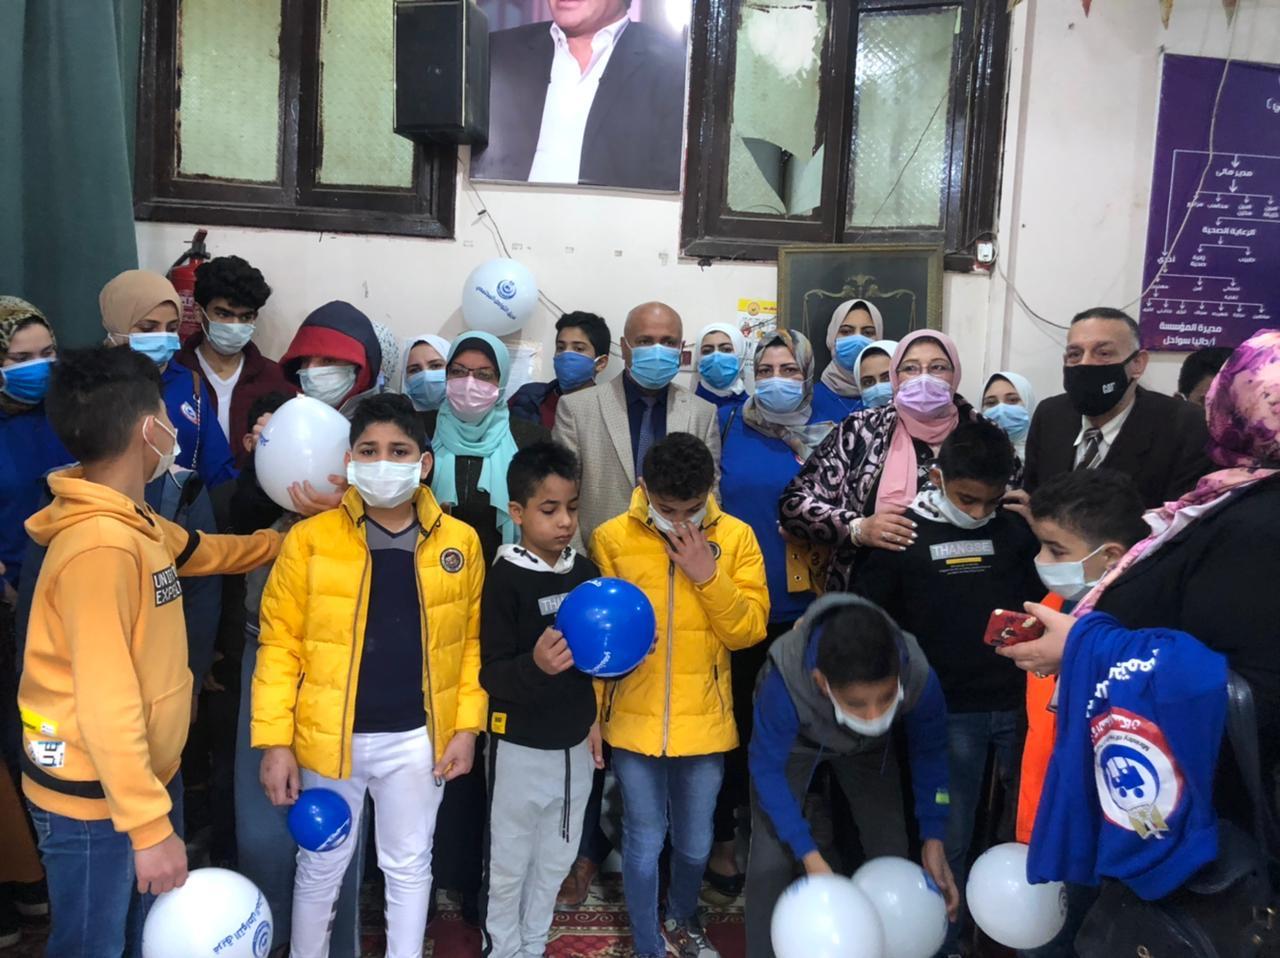 صحة الغربية تحتفل بيوم اليتيم وتقدم الوعى الصحى والمجتمعى للأطفال (4)